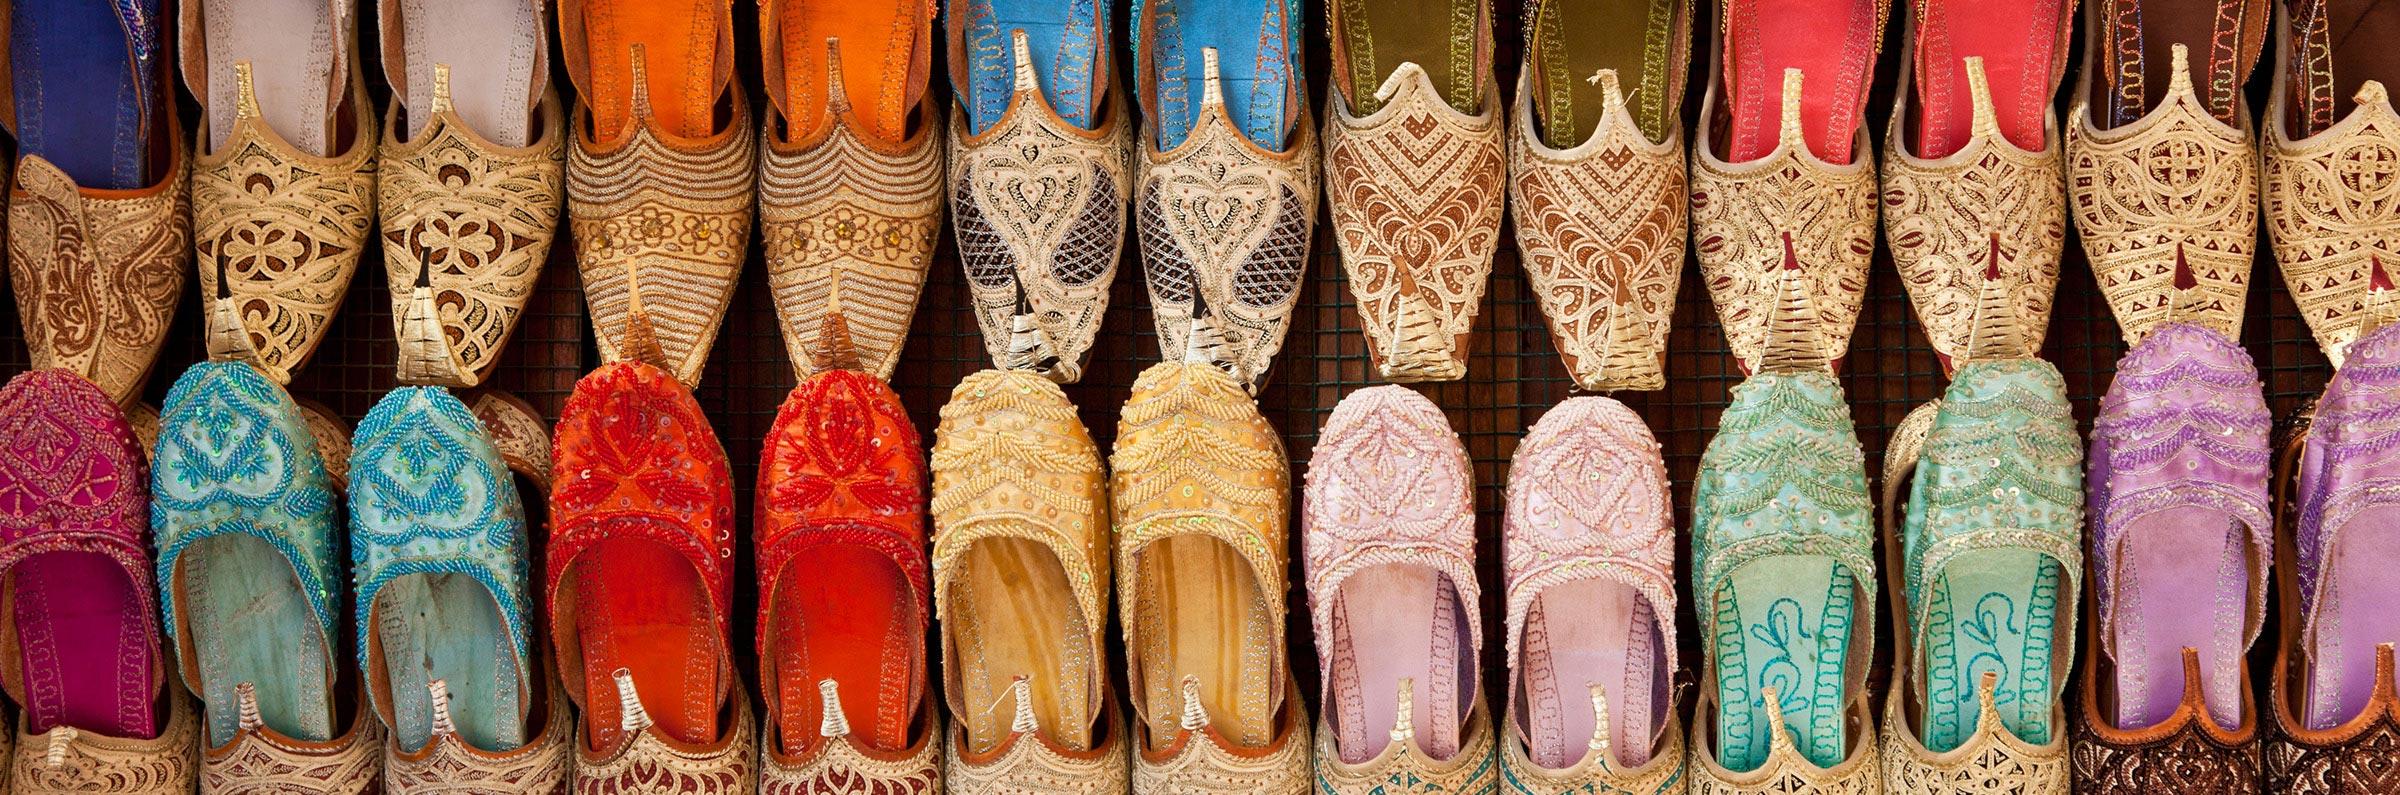 Shopping in Dubai